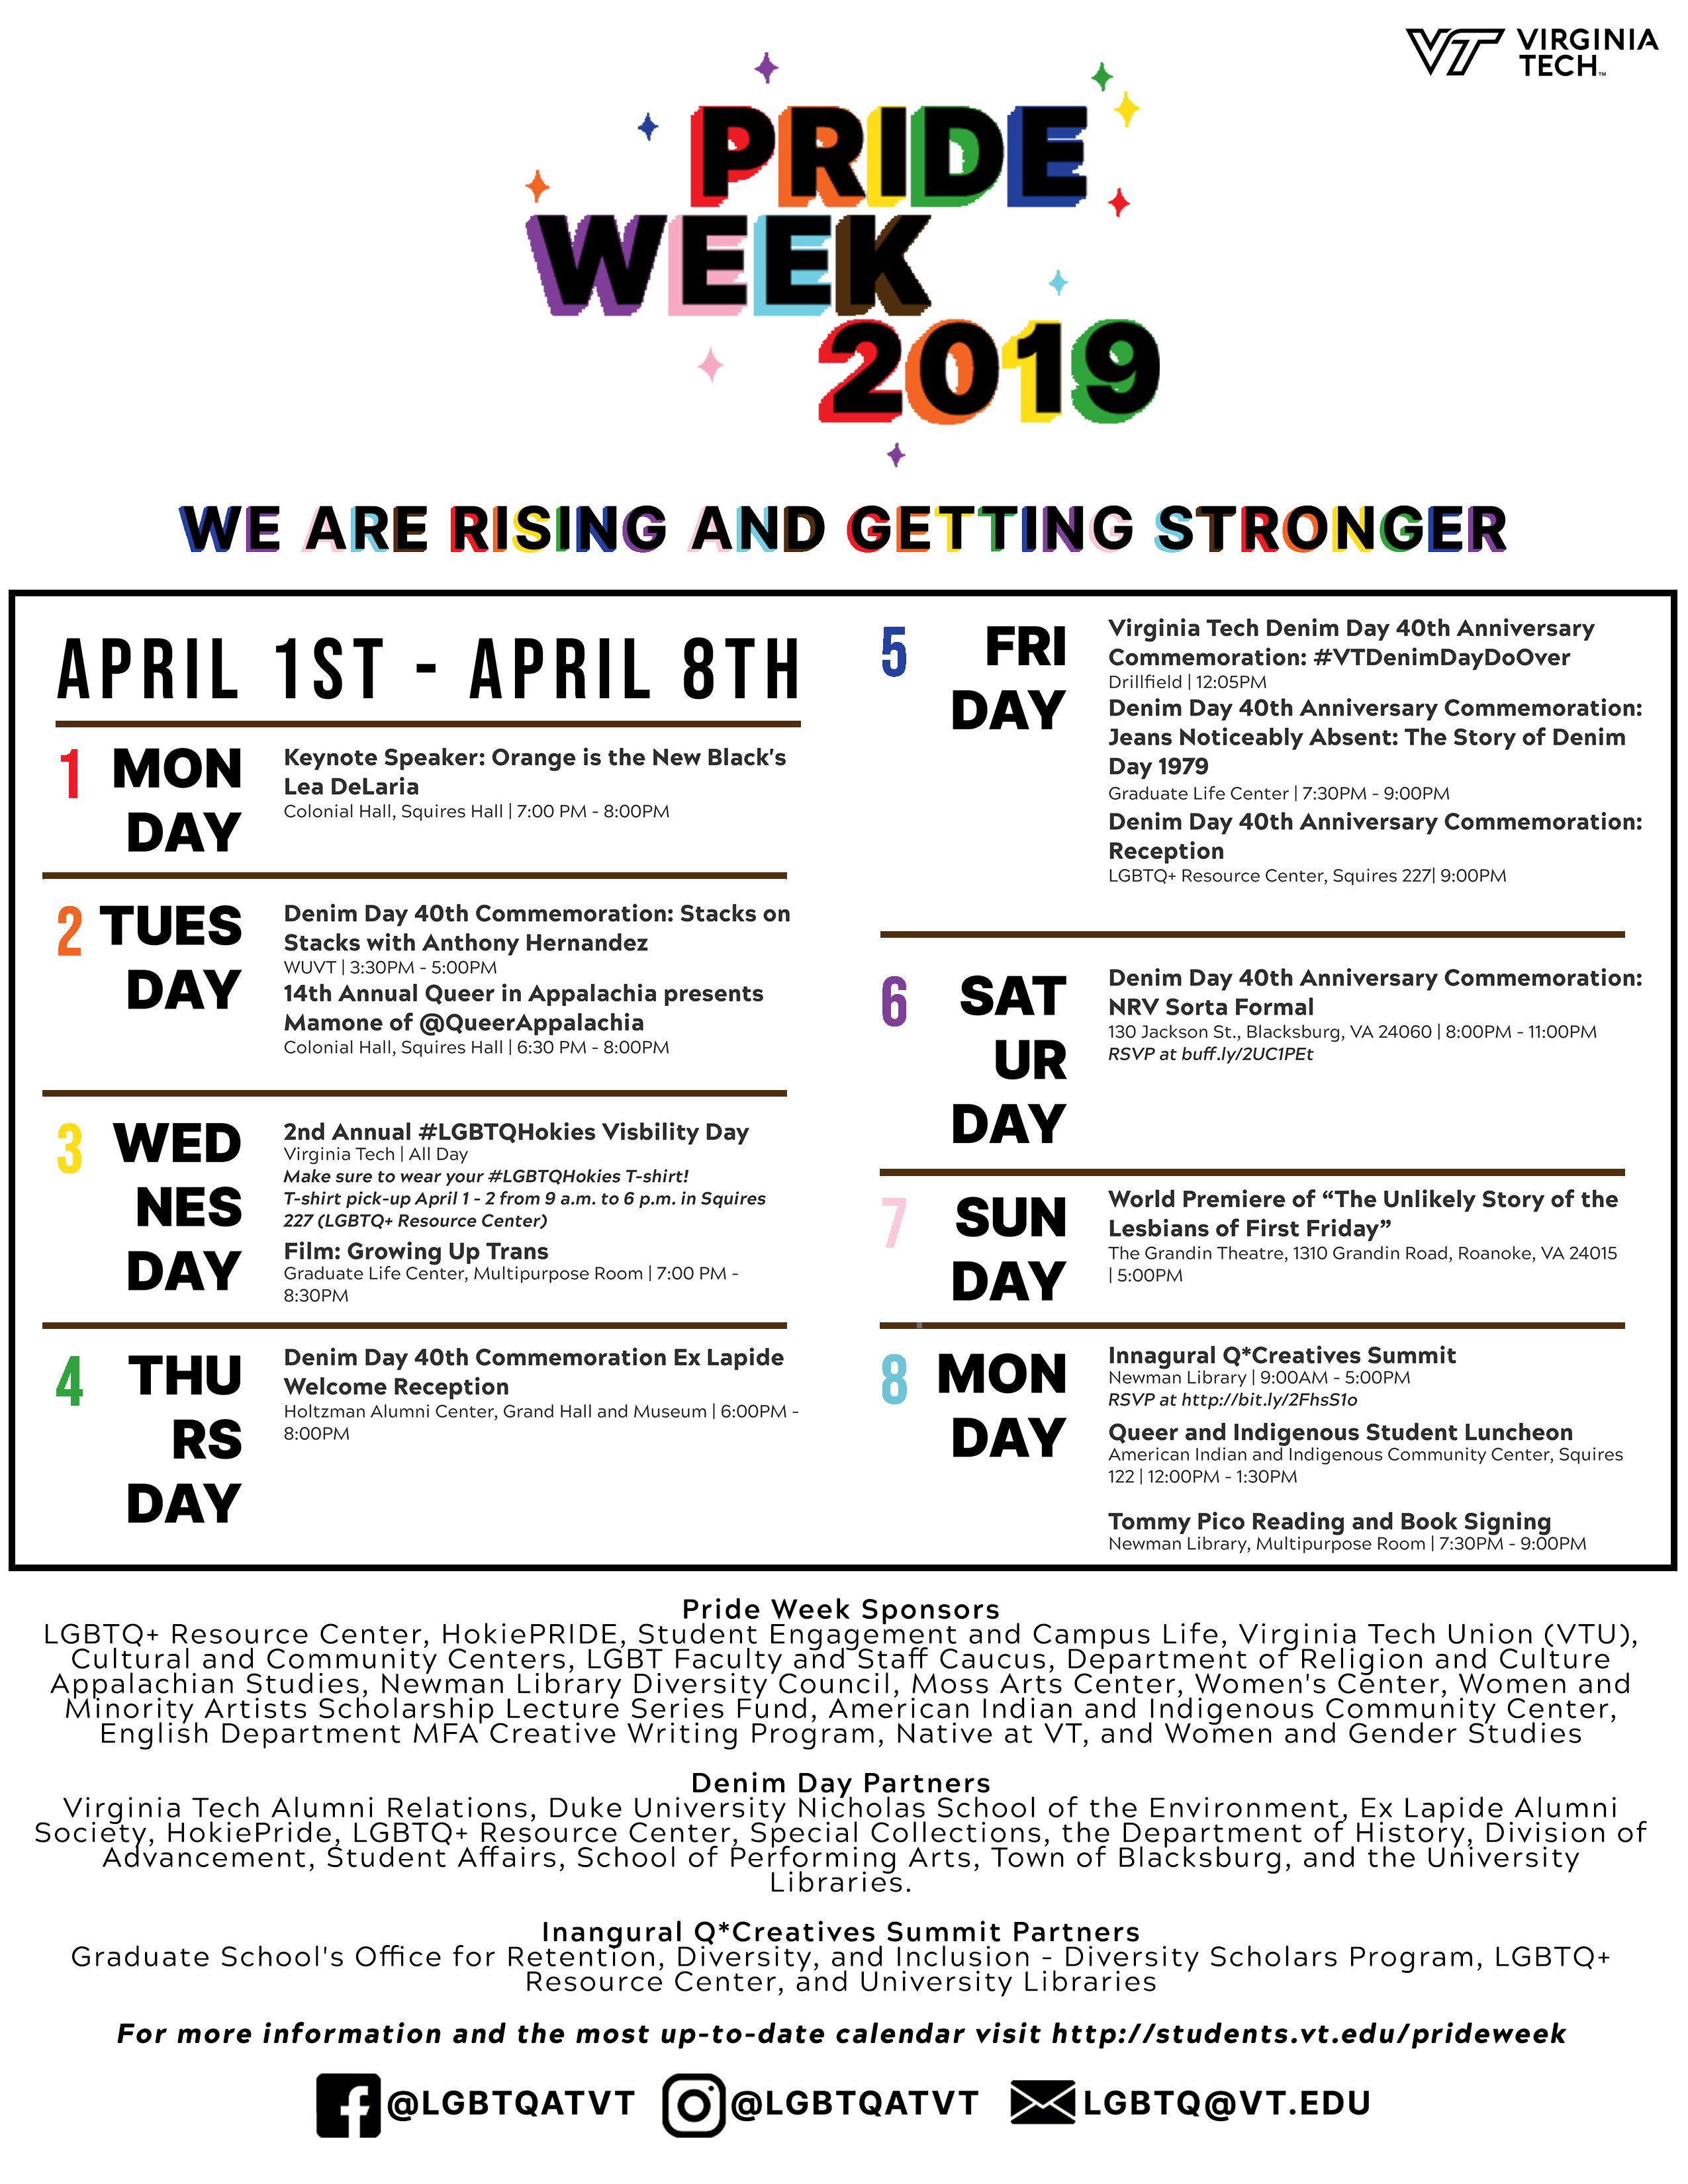 Pride Week 2019 calendar